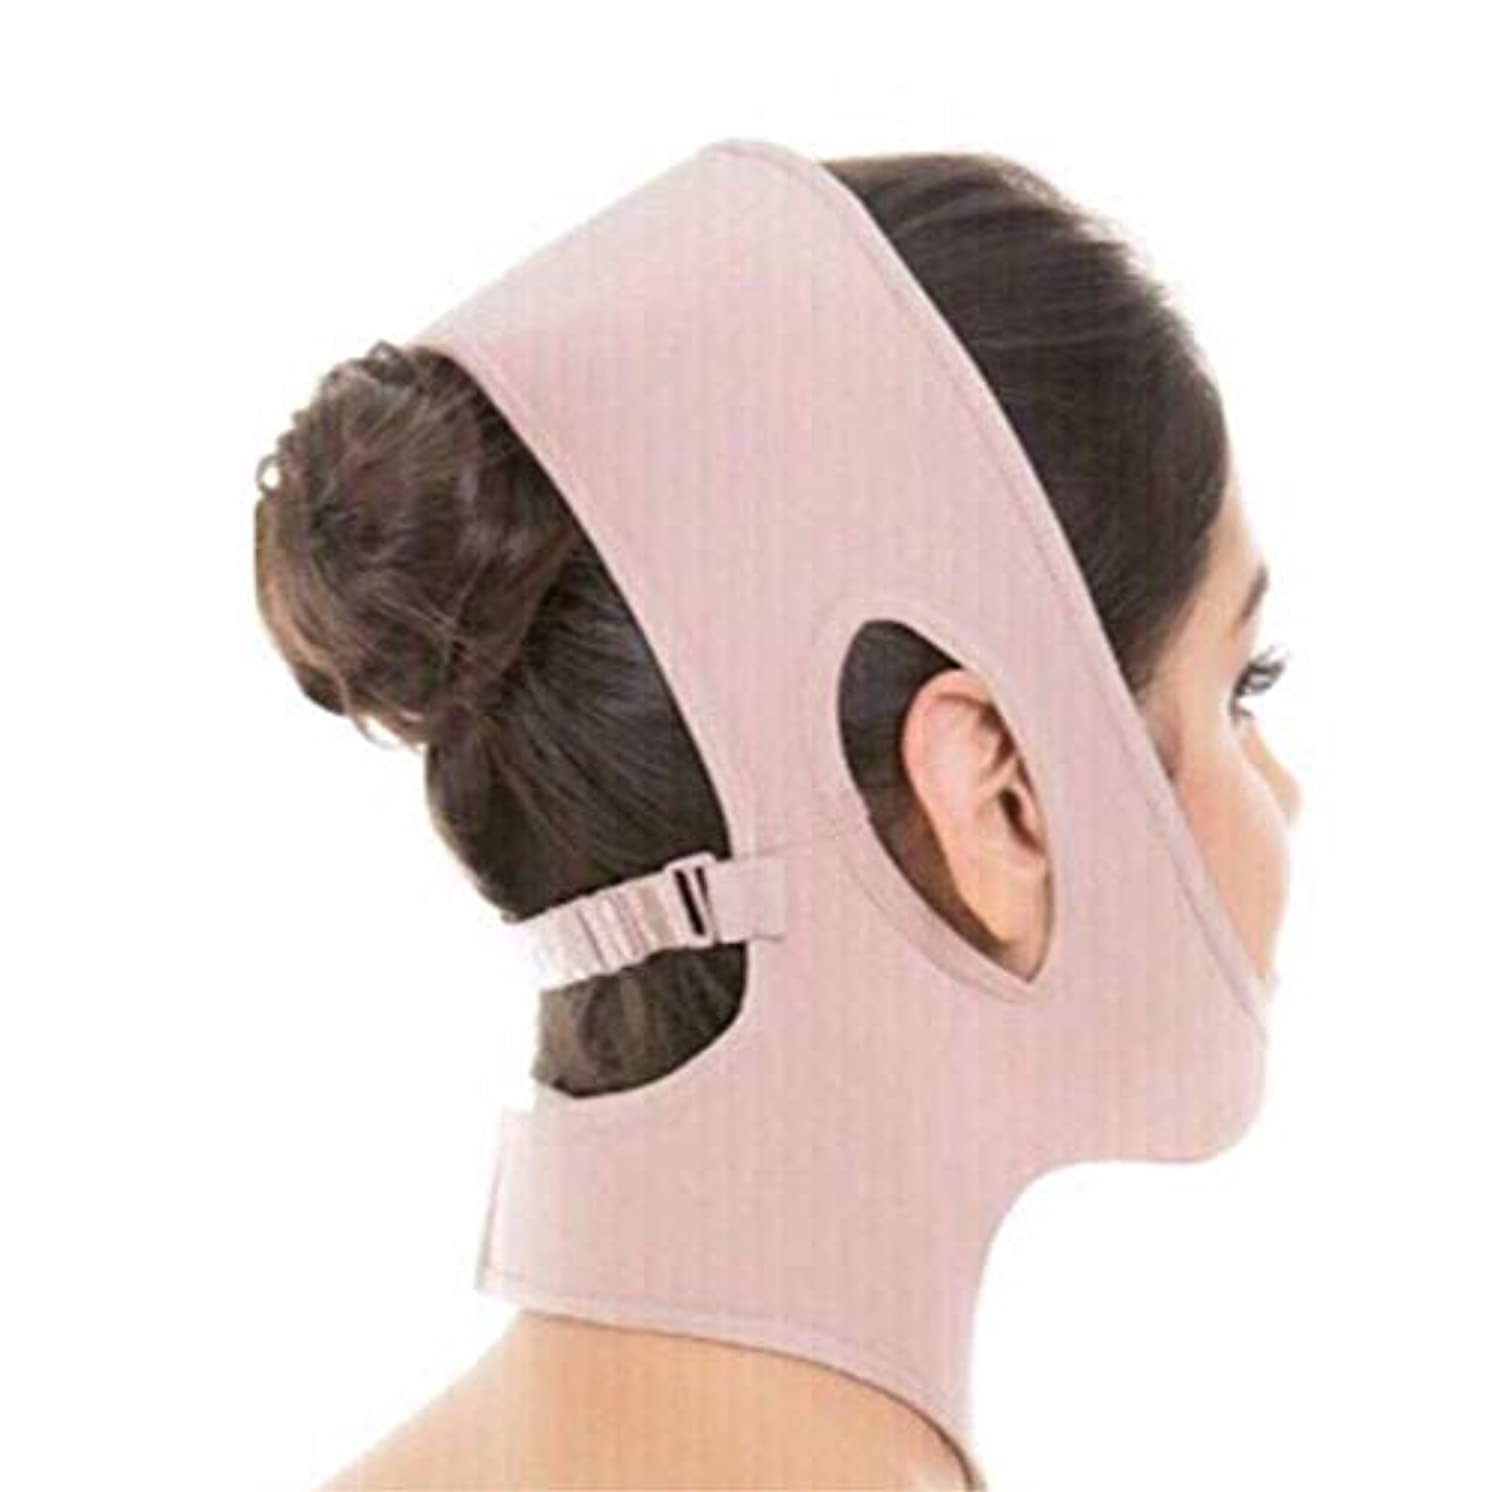 言語解読する概してフェイスリフティングバンデージ、フェイスリフティングマスク、顔面の首と首を持ち上げる、顔を持ち上げて二重あごを減らす(フリーサイズ)(カラー:カーキ色),カーキ